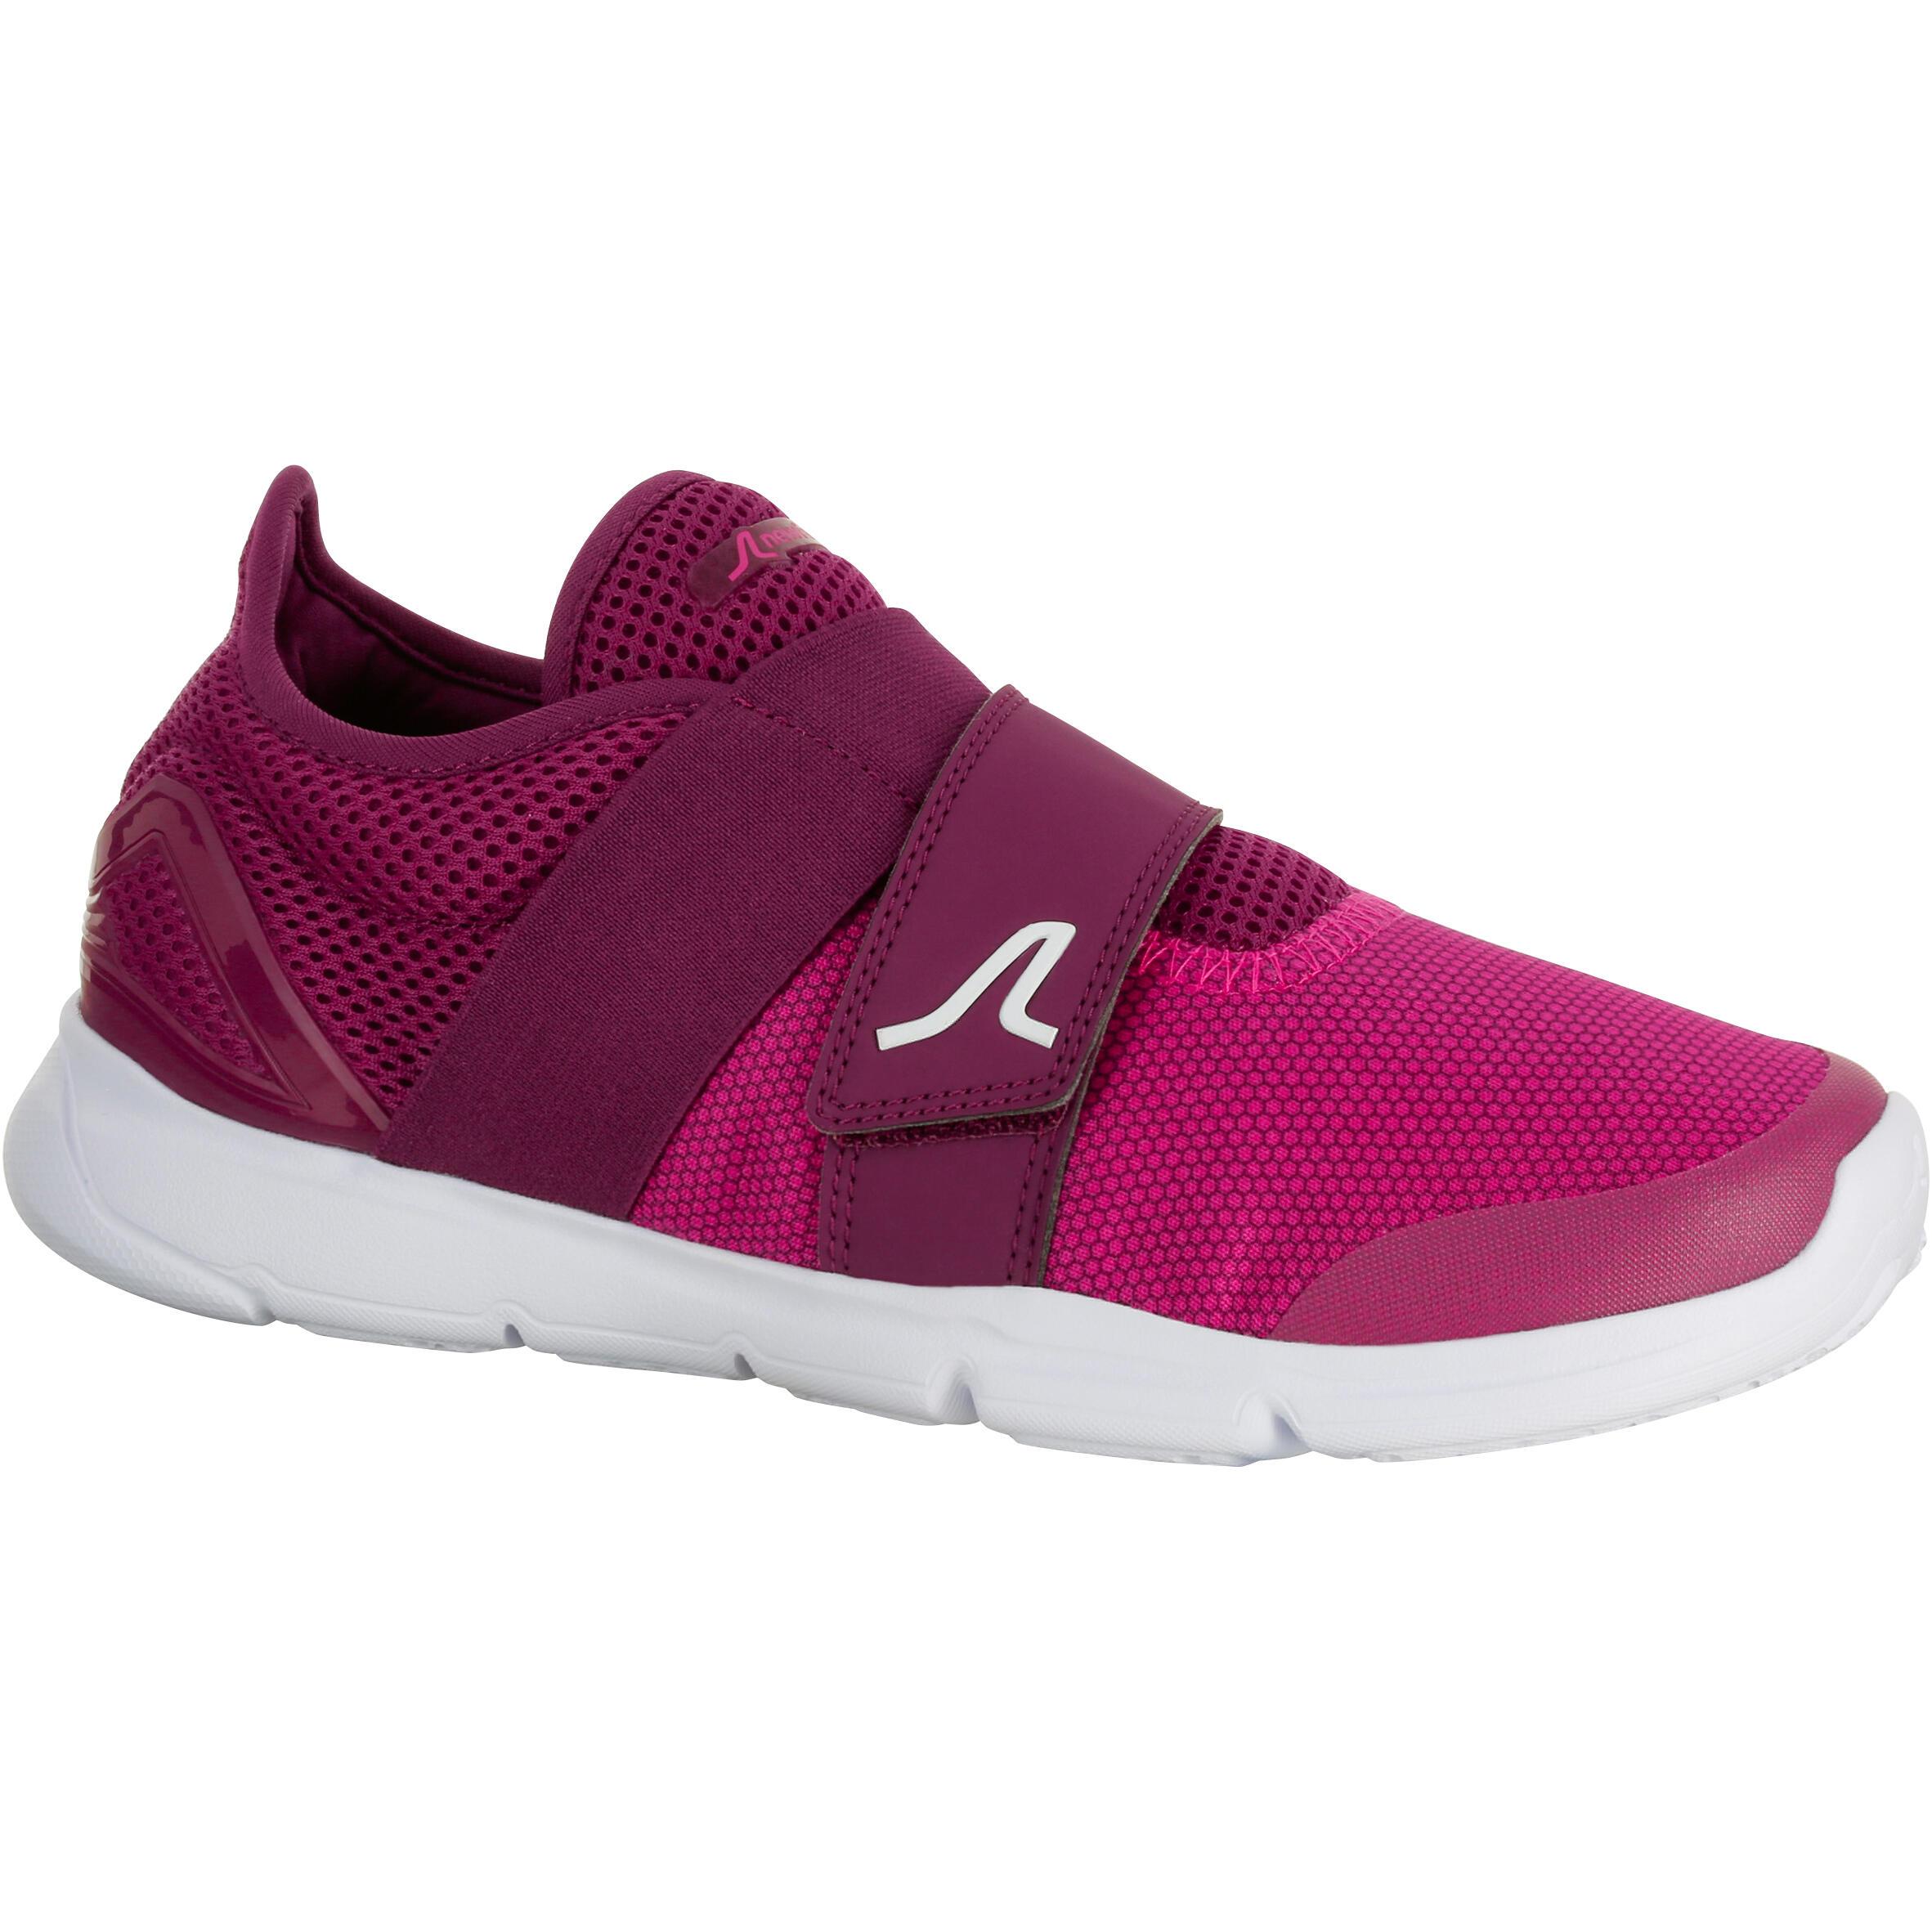 Newfeel Damessneakers Soft 180 strap